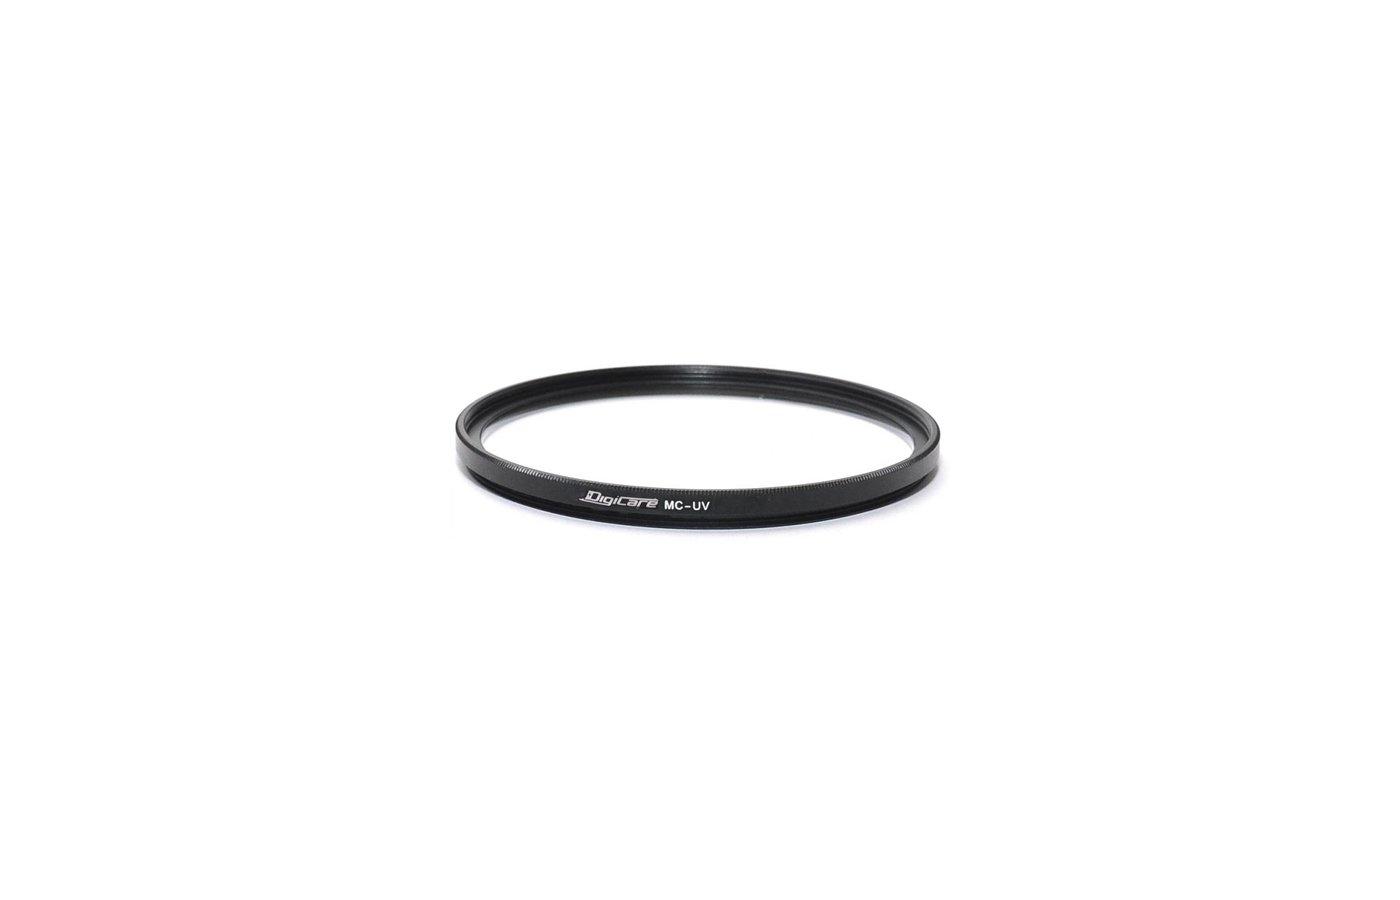 Фильтр DigiCare 52mm MC-UV ультрафиолетовый